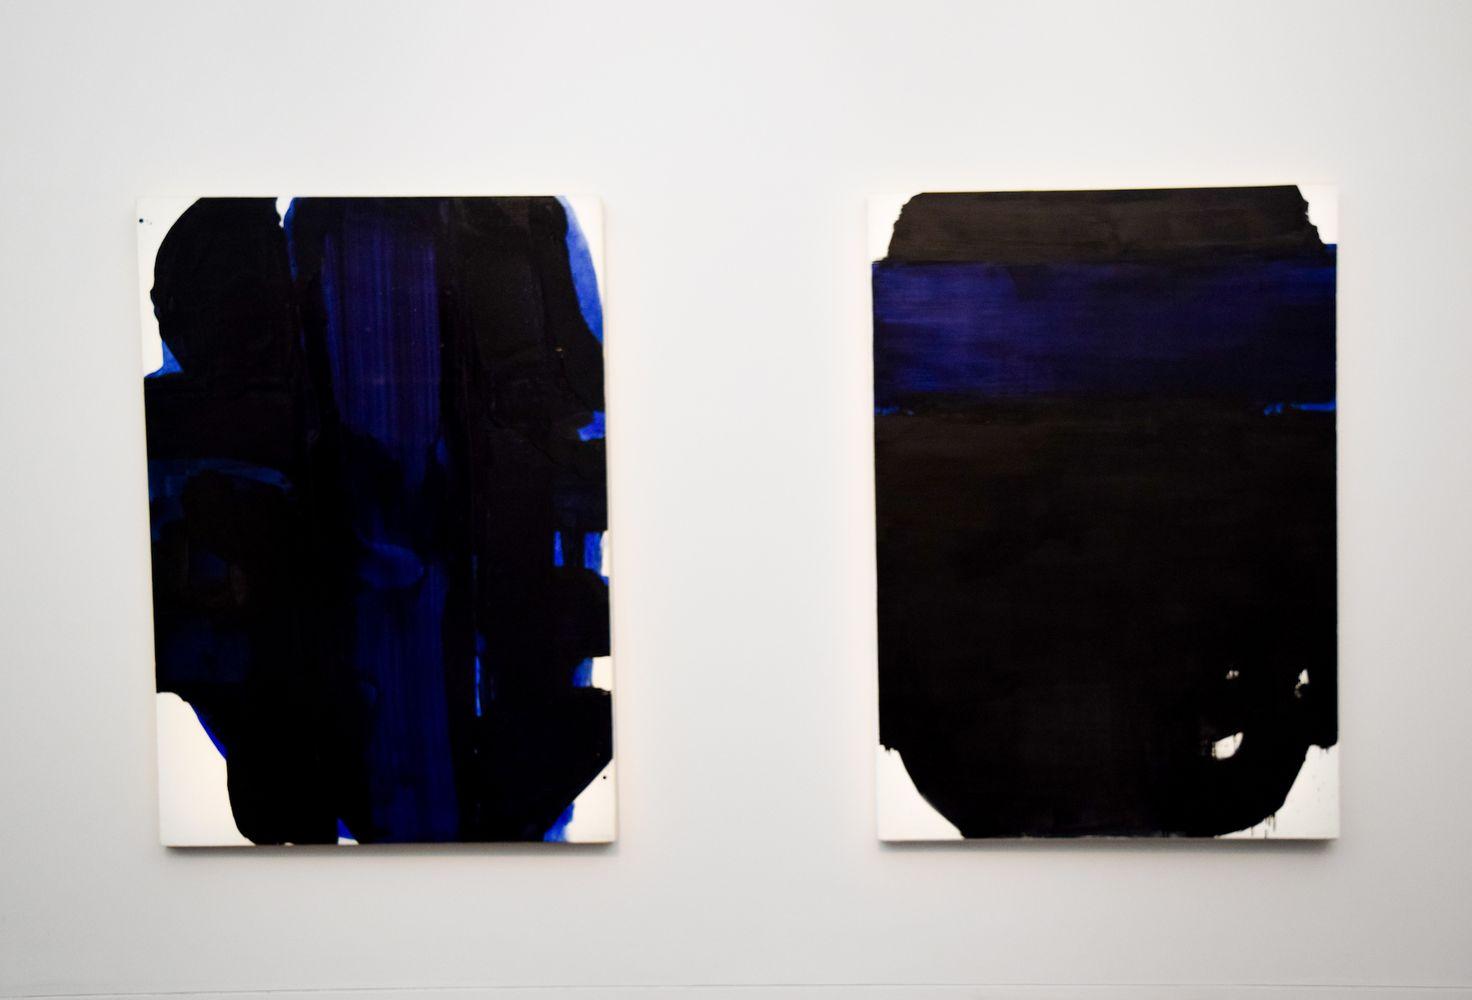 Peinture 4 octobre 1967, Pierre Soulages